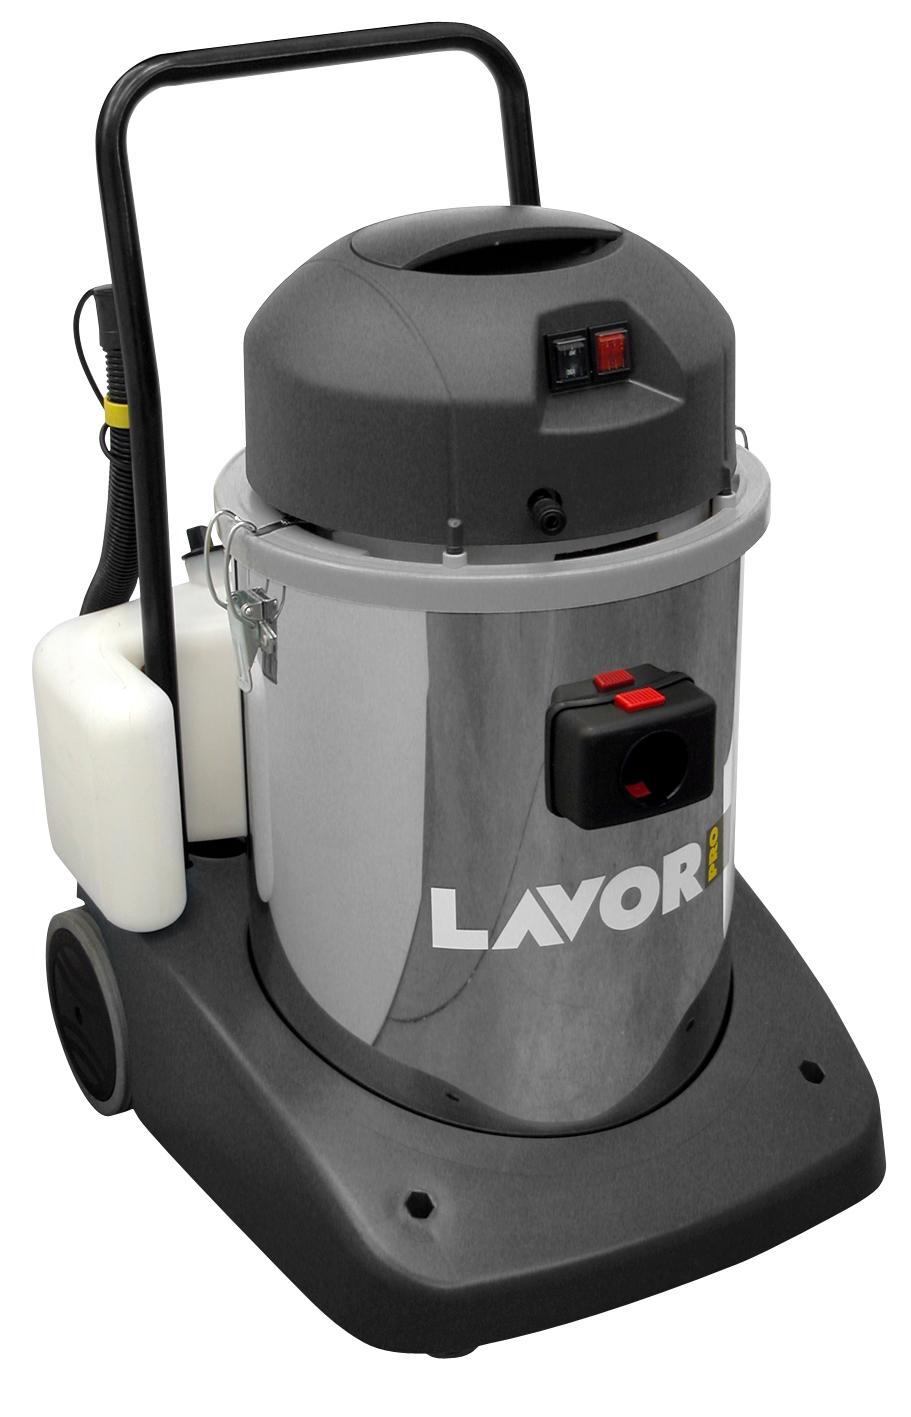 Extraktor APL 1400